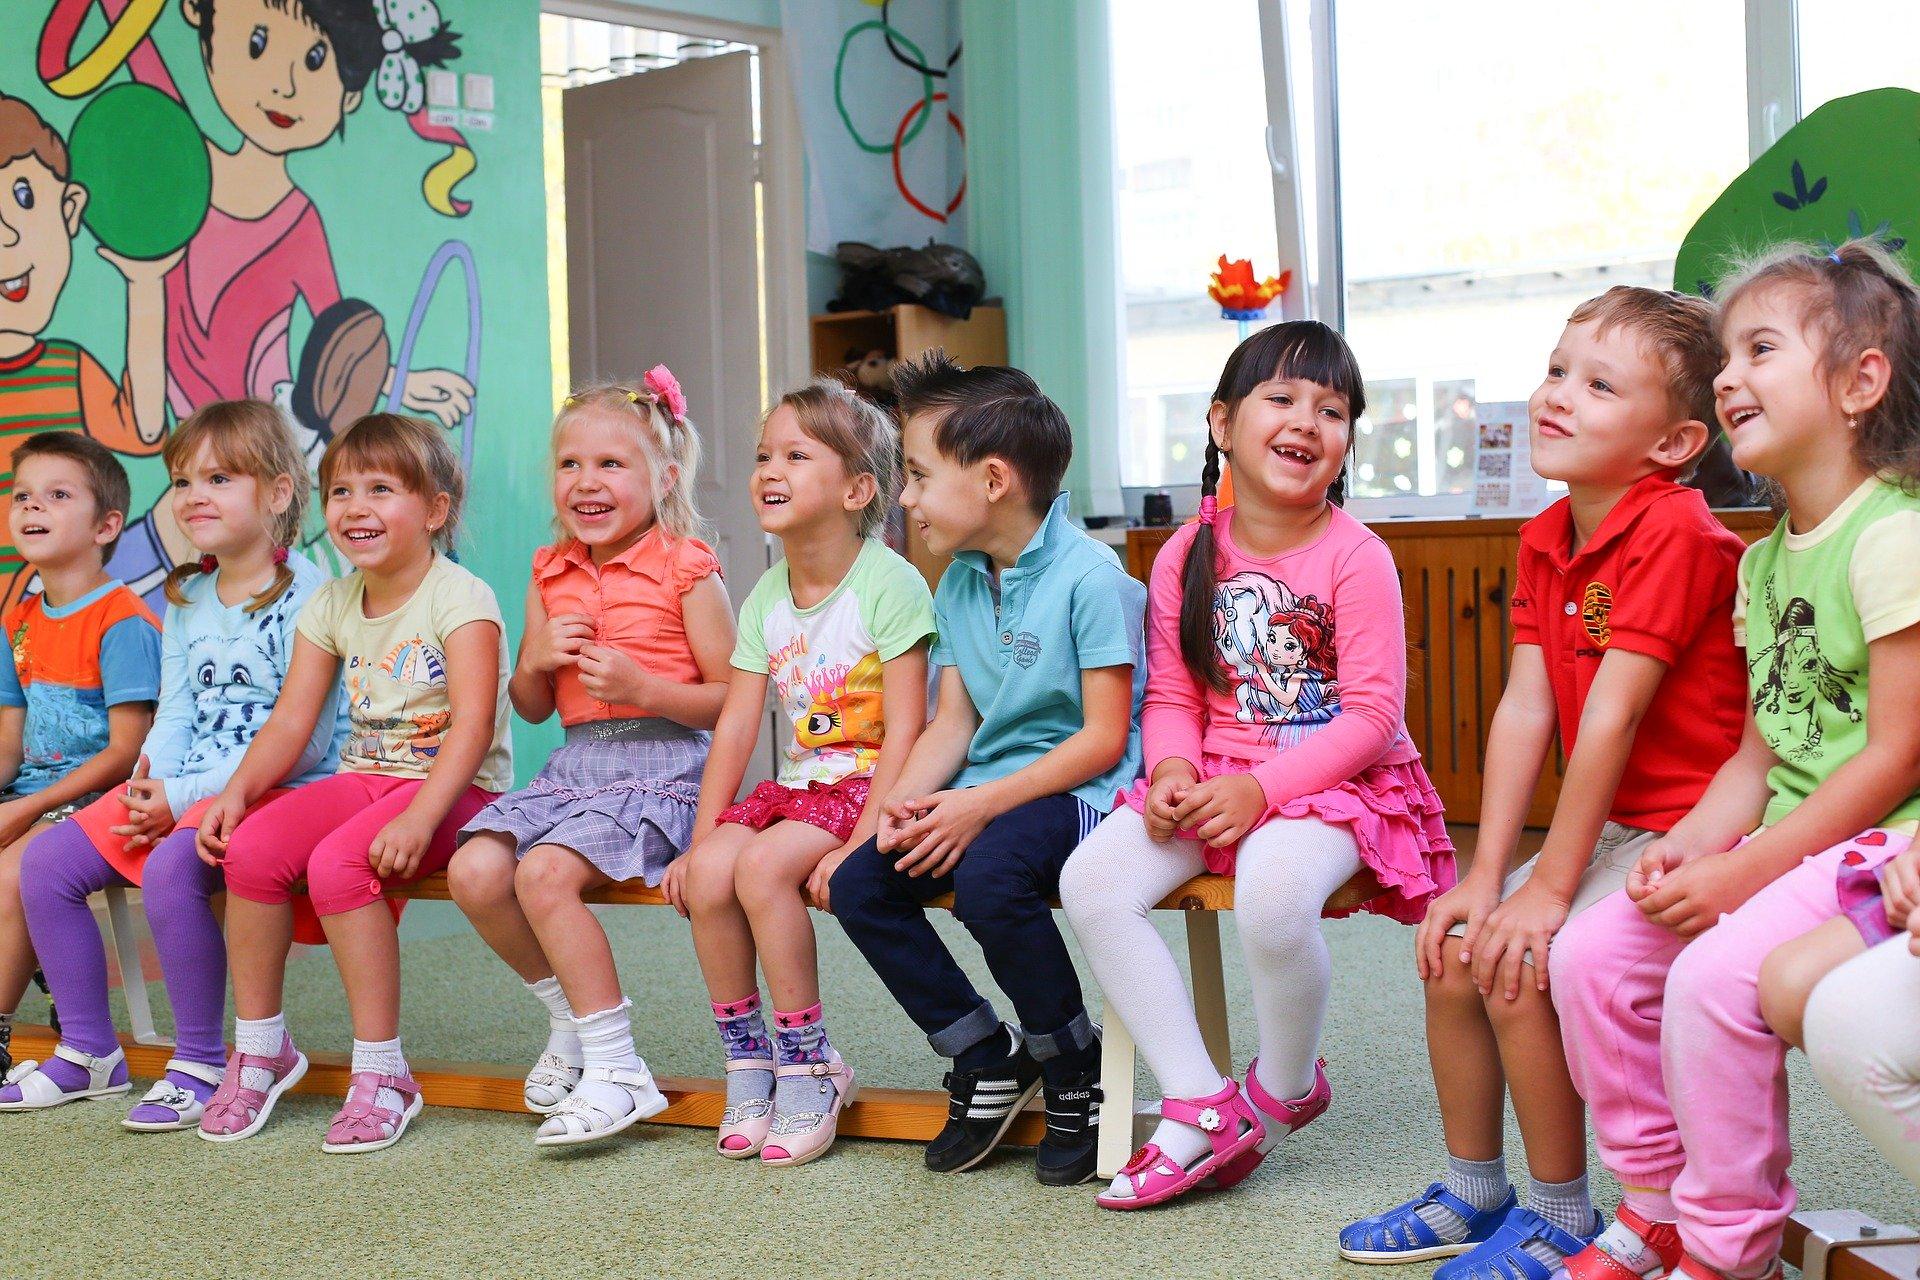 Trwa rekrutacja do miejskich przedszkoli. Dla 3-latków jest 736 miejsc. Czy to wystarczy? [Liczba miejsc w przedszkolach] - Zdjęcie główne